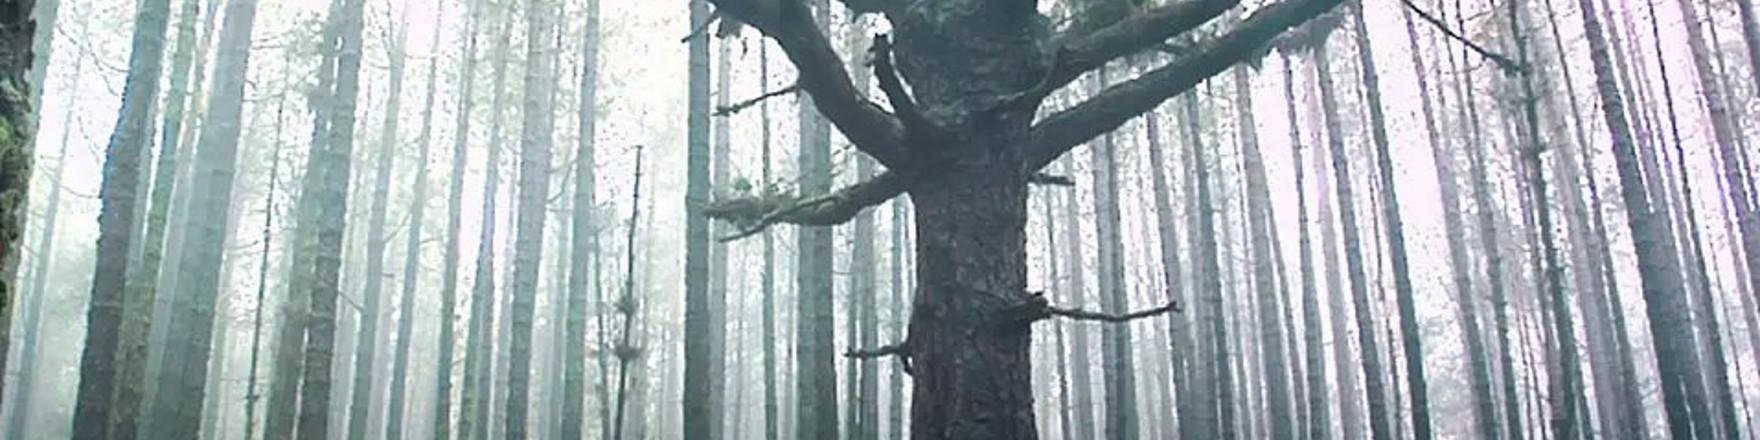 cultura bosque memoria bg seccion